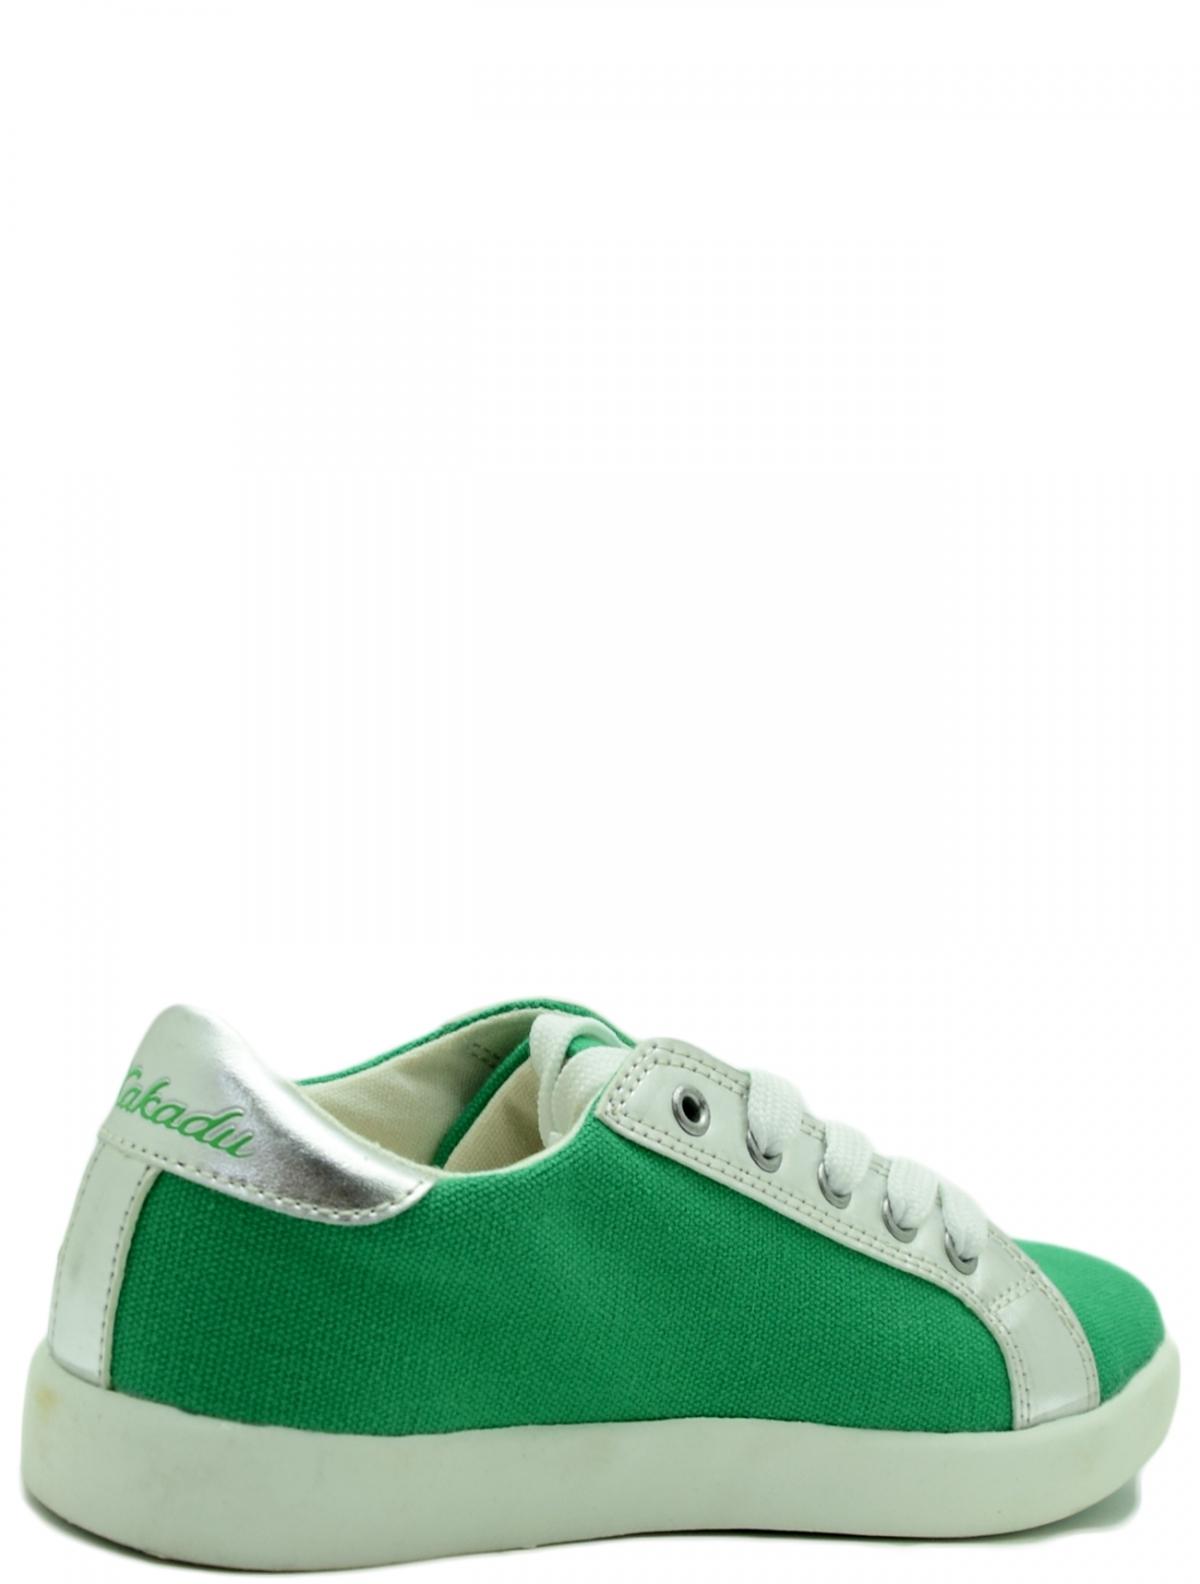 5051C кроссовки для девочки